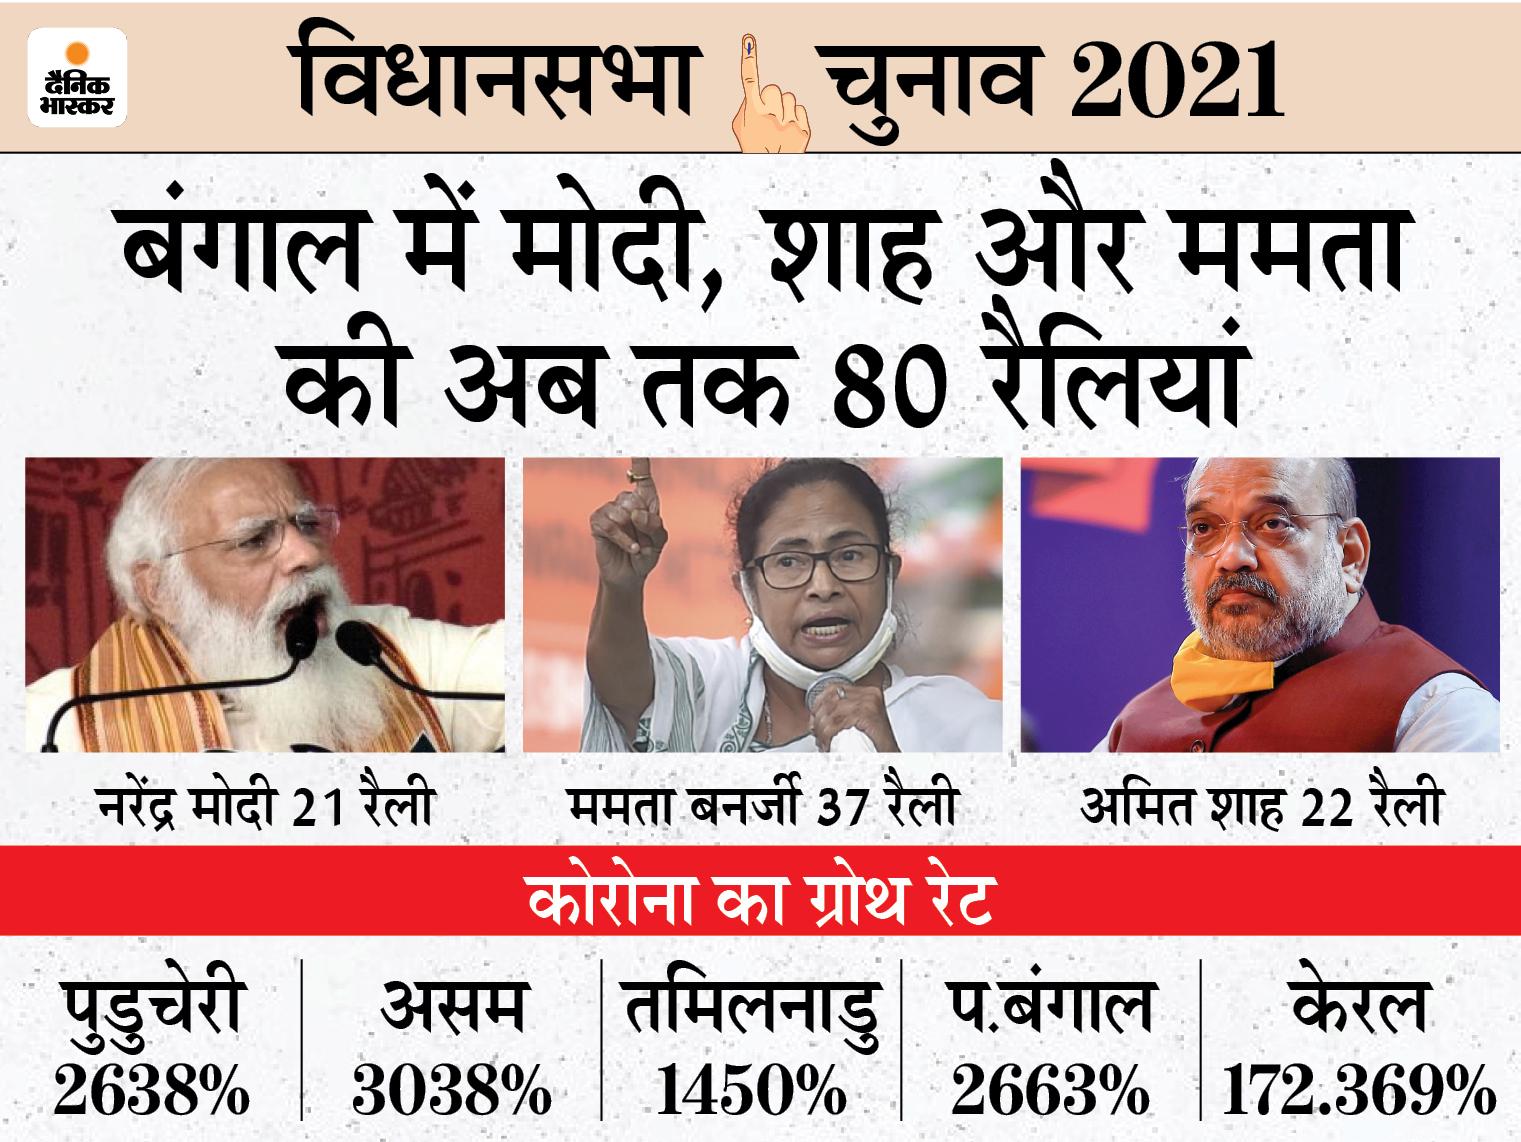 अगले 7 दिन में मोदी की 6, अमित शाह की 8 और ममता की 17 रैलियां; बंगाल में 52 दिन में 2663% केस बढ़े देश,National - Dainik Bhaskar